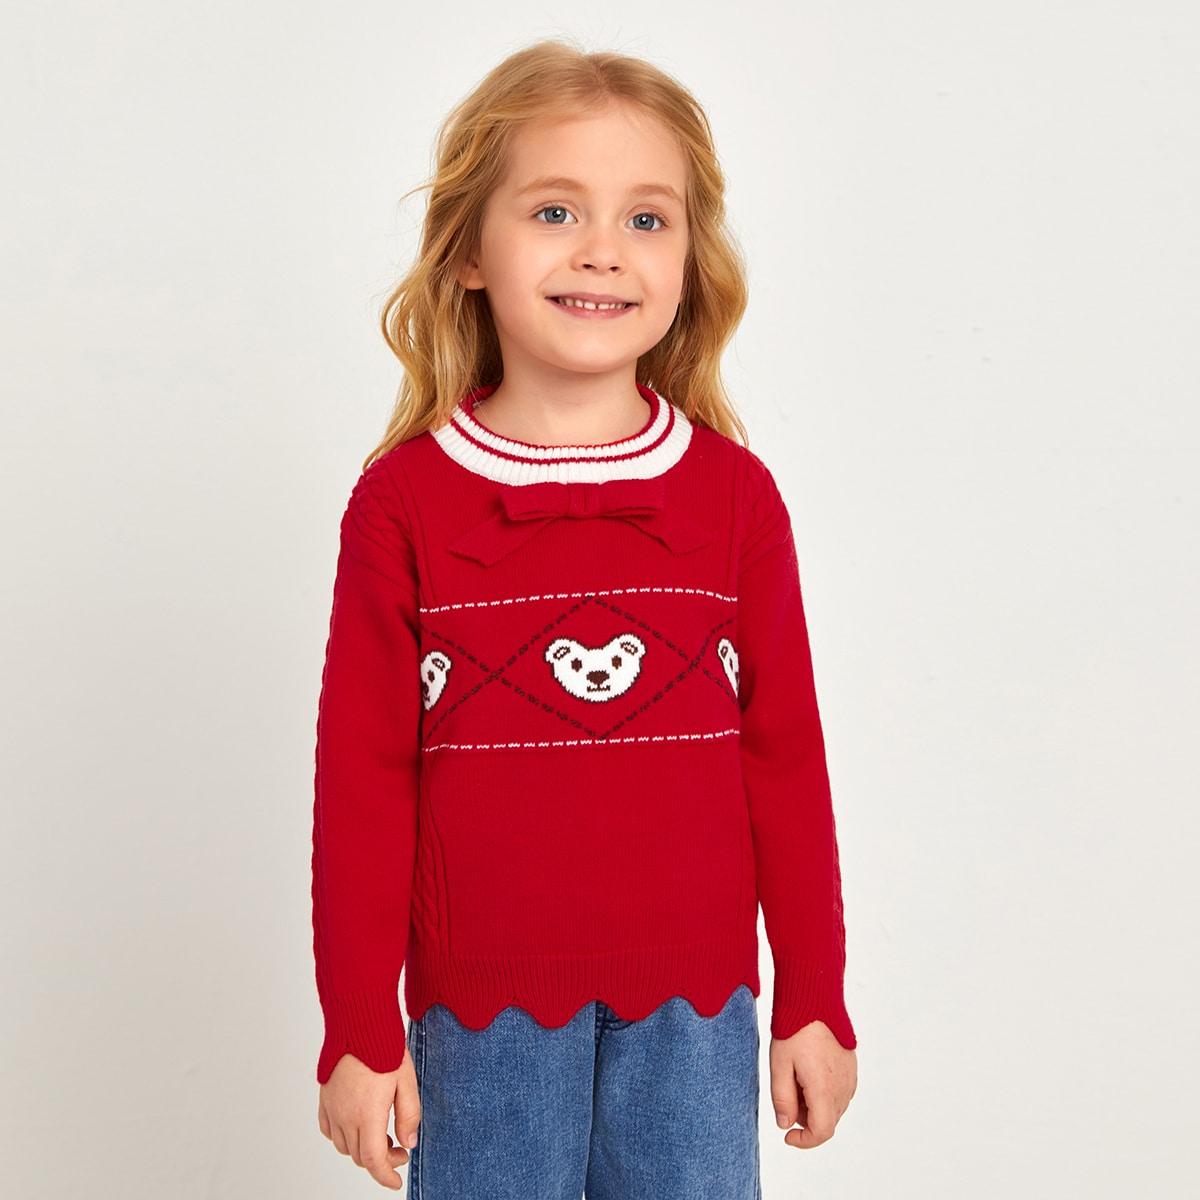 Бант с карикатурой повседневный свитеры для девочек